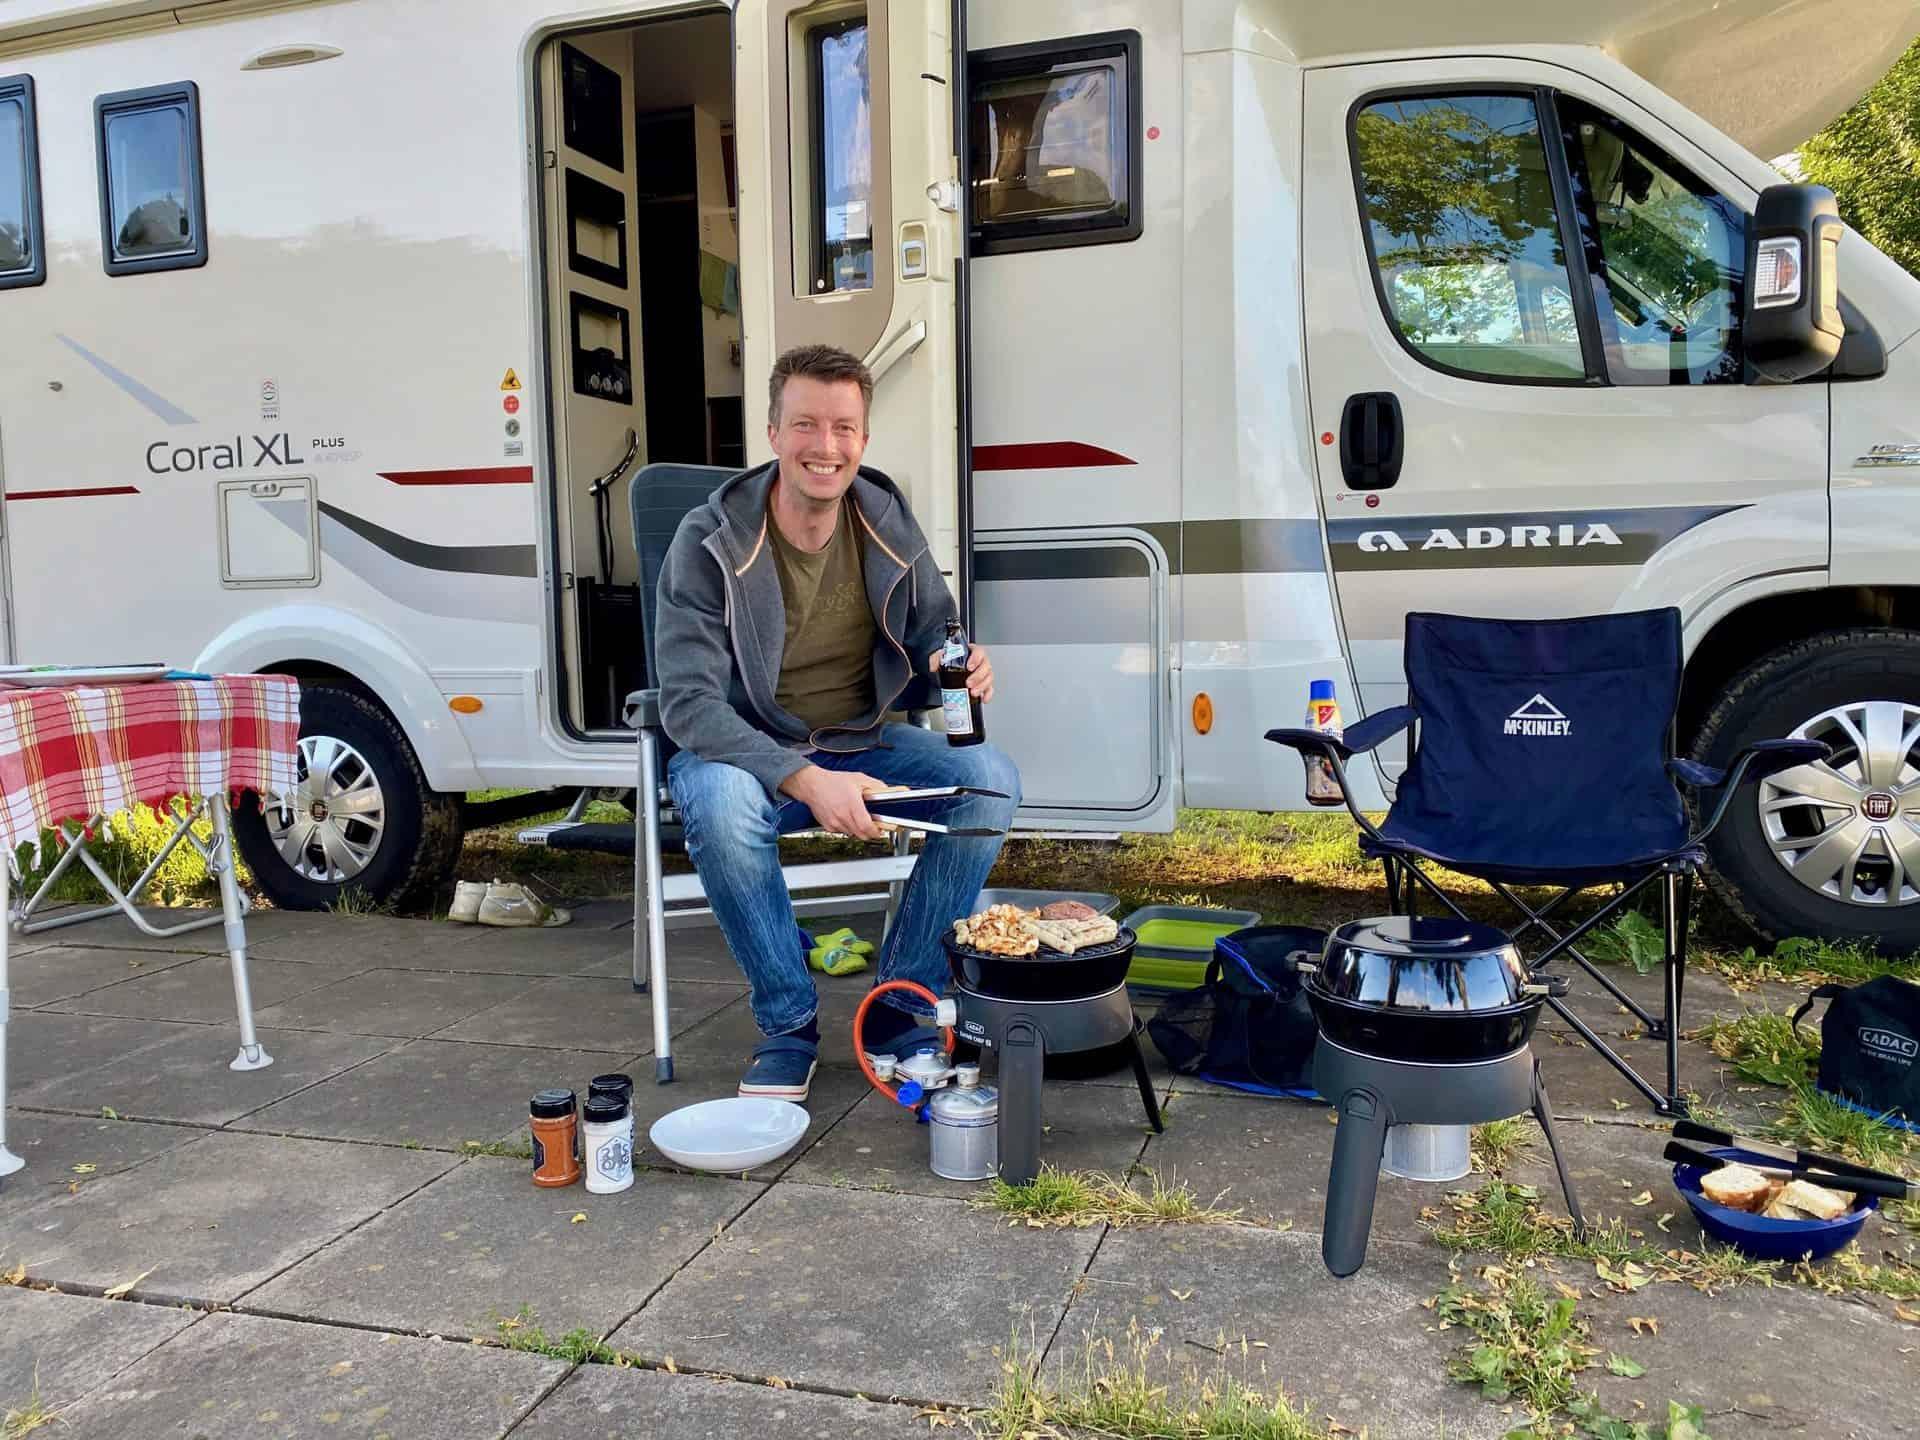 Campingplatz-Fortuna-Flo-beim-grillen